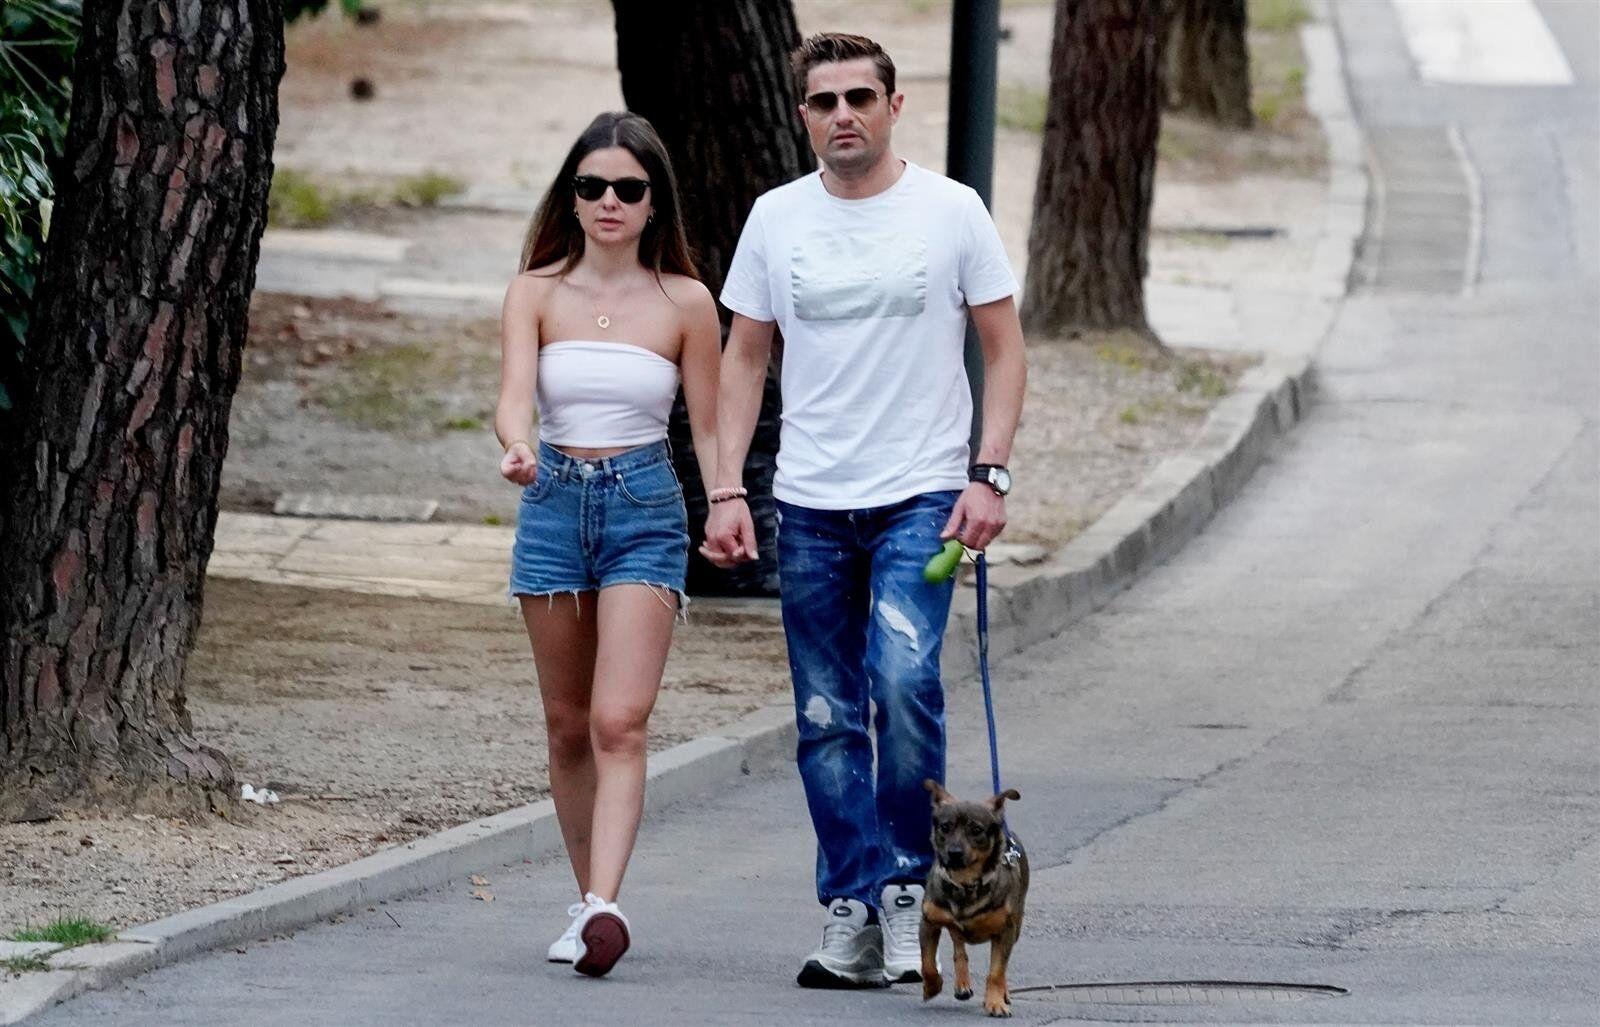 Alfonso Merlos y Alexia Rivas pasean felices pese al varapalo laboral